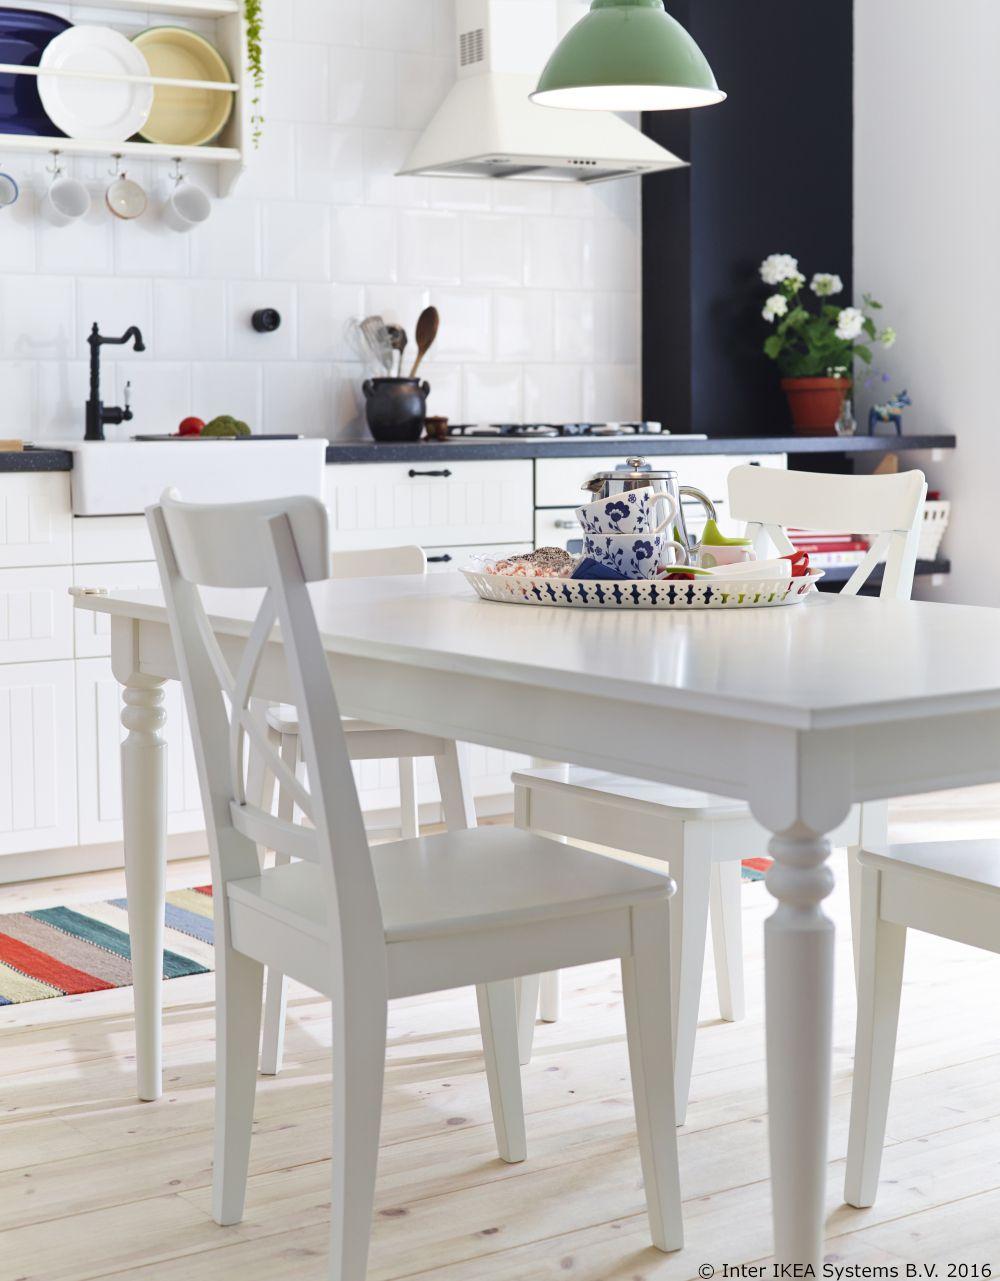 IKEA ponuda] INGOLF stolice sve do nedjelje 20 3 čekaju te po